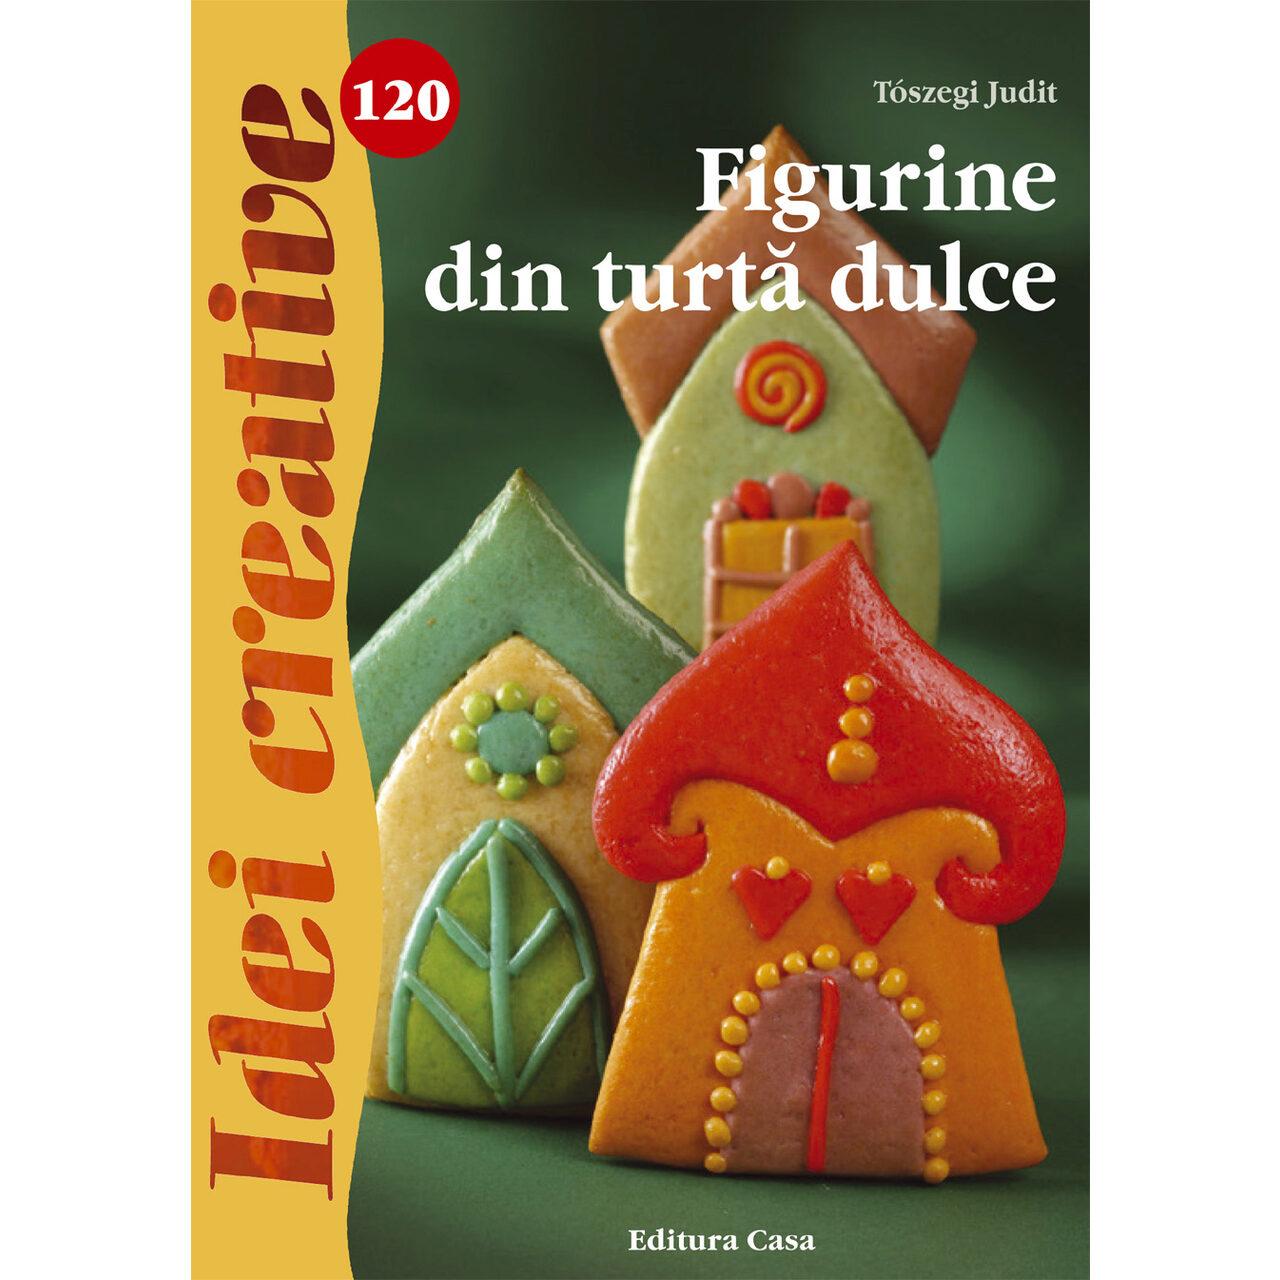 Figurine din turtă dulce - Idei creative 120 imagine edituracasa.ro